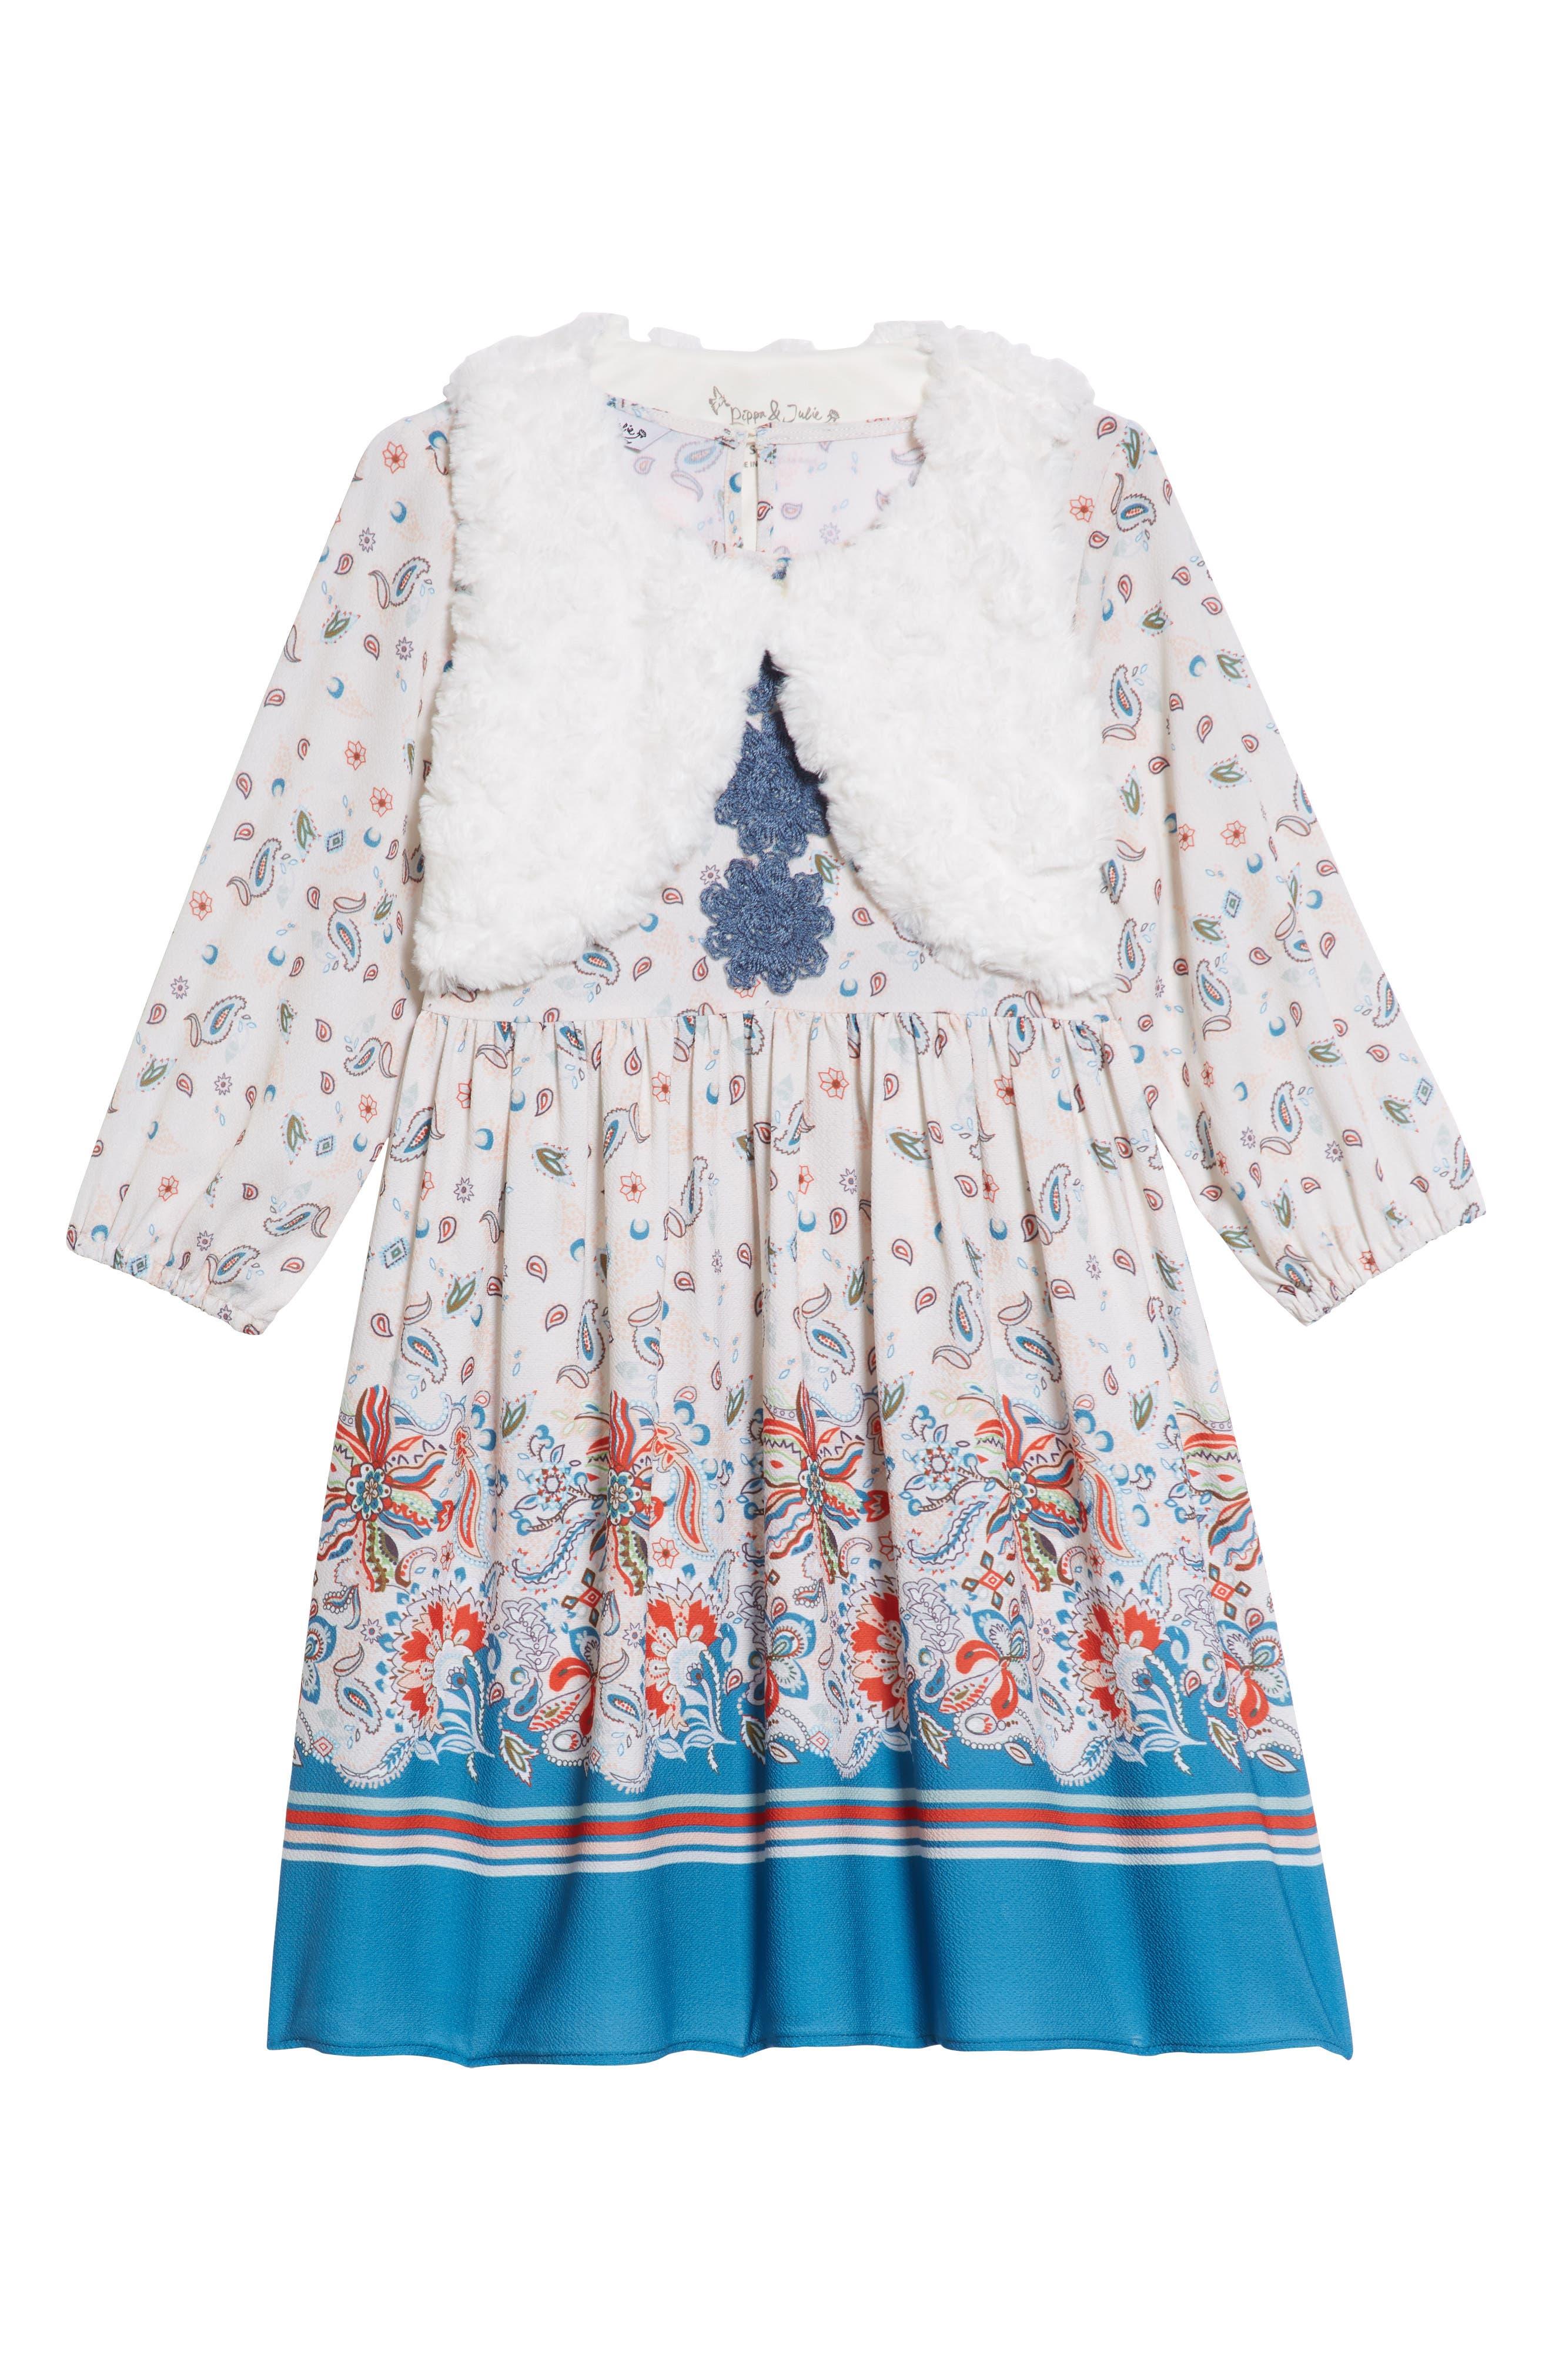 PIPPA & JULIE Boho Paisley Dress & Faux Fur Vest Set, Main, color, 900